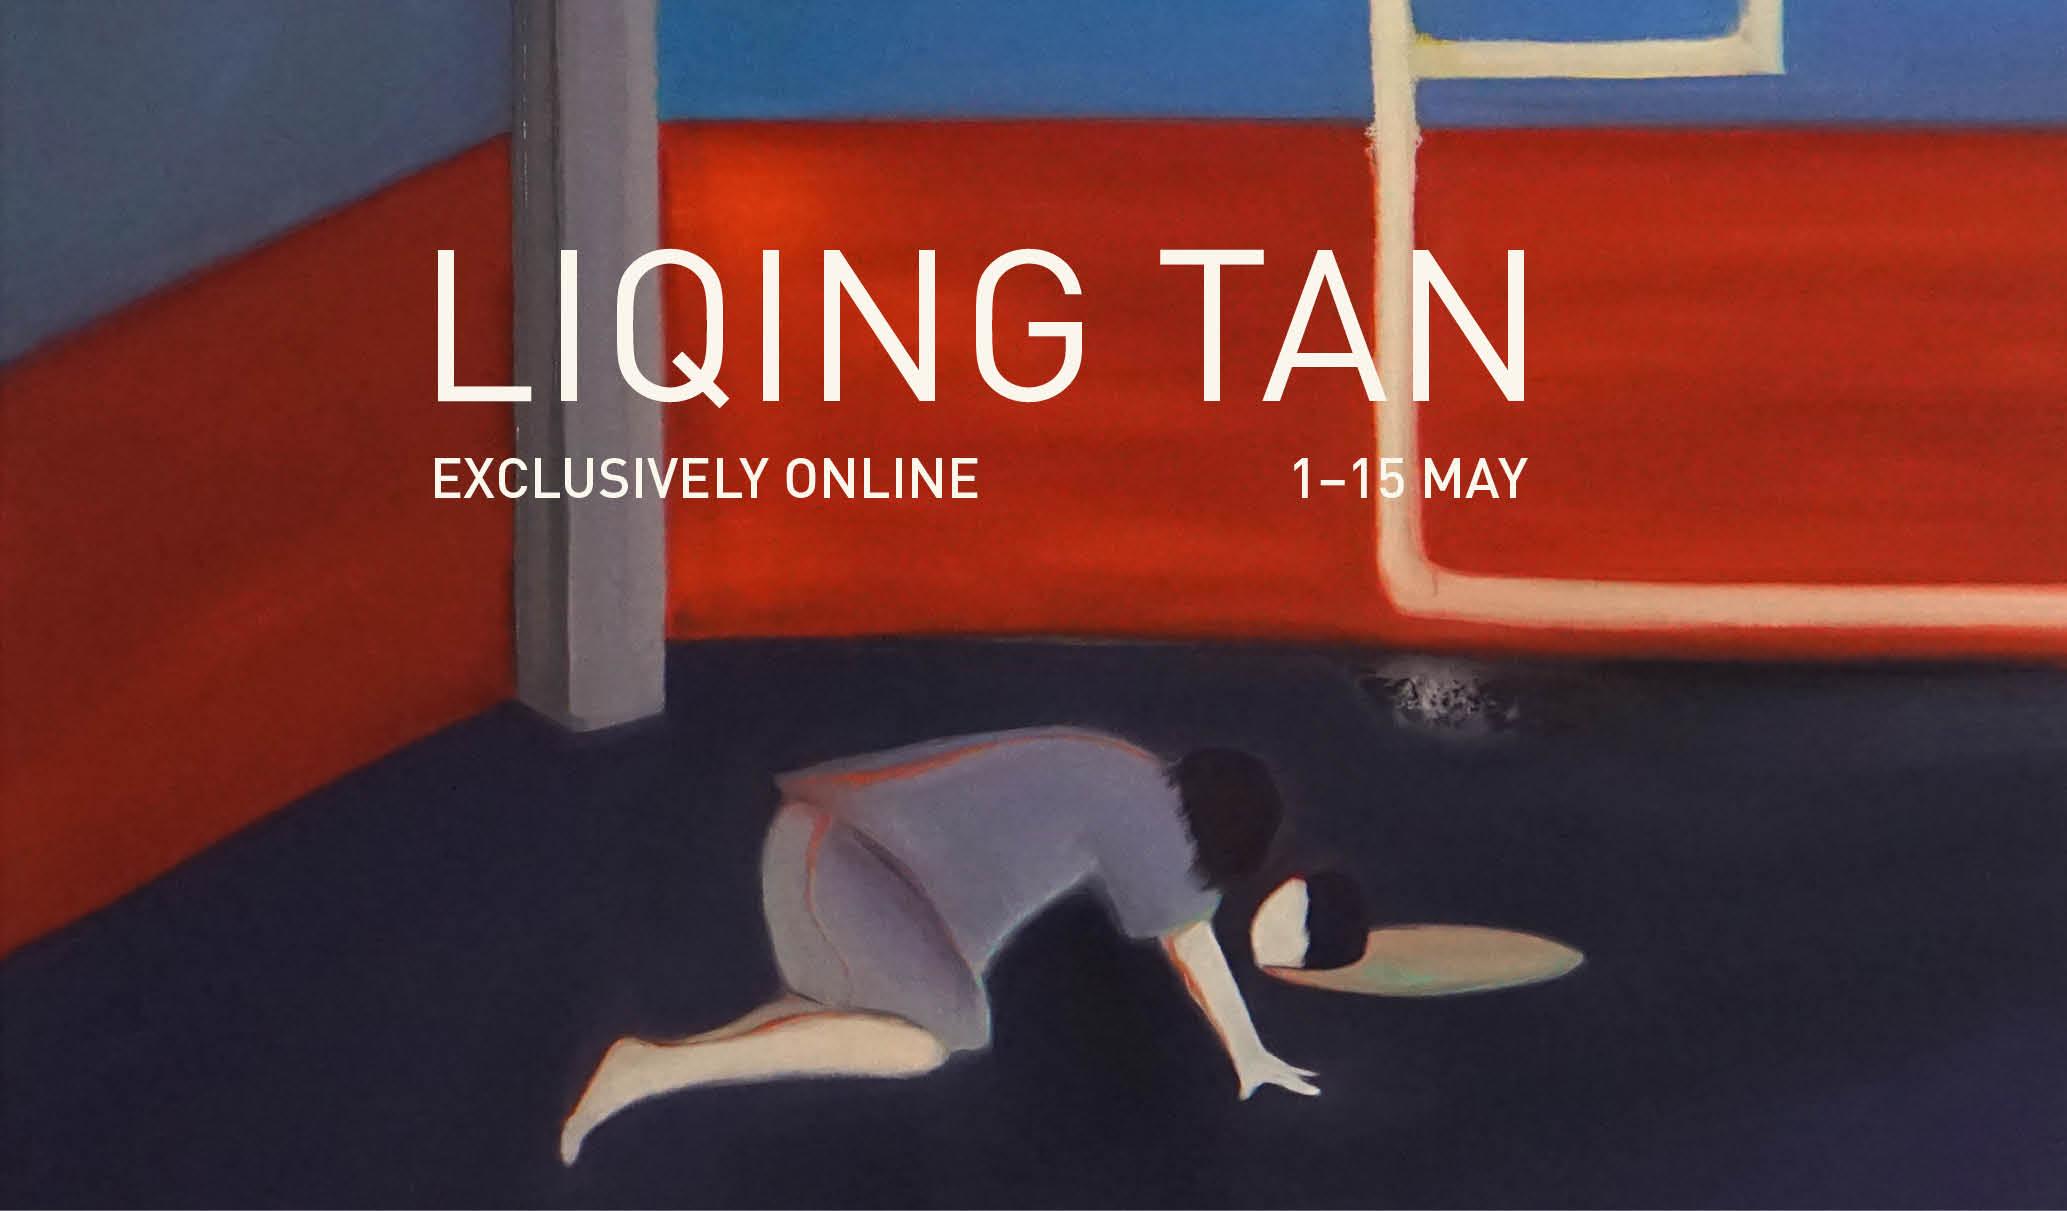 liqing tan artist